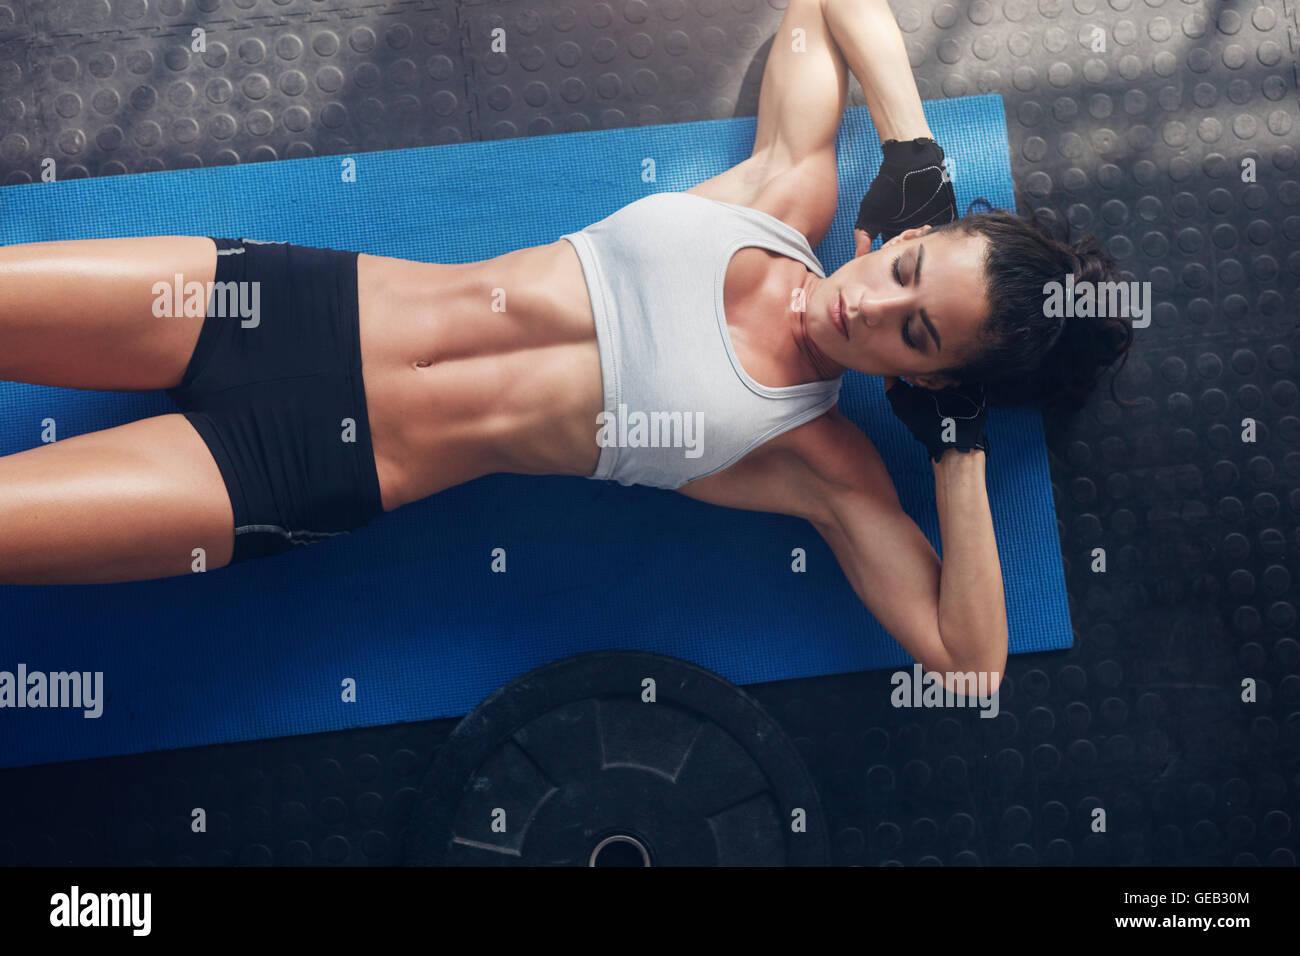 Draufsicht der Frau Ausübung auf Yoga-Matte. Weibliche liegend Gymnastikmatte mit ihren Händen hinter dem Kopf im Stockfoto